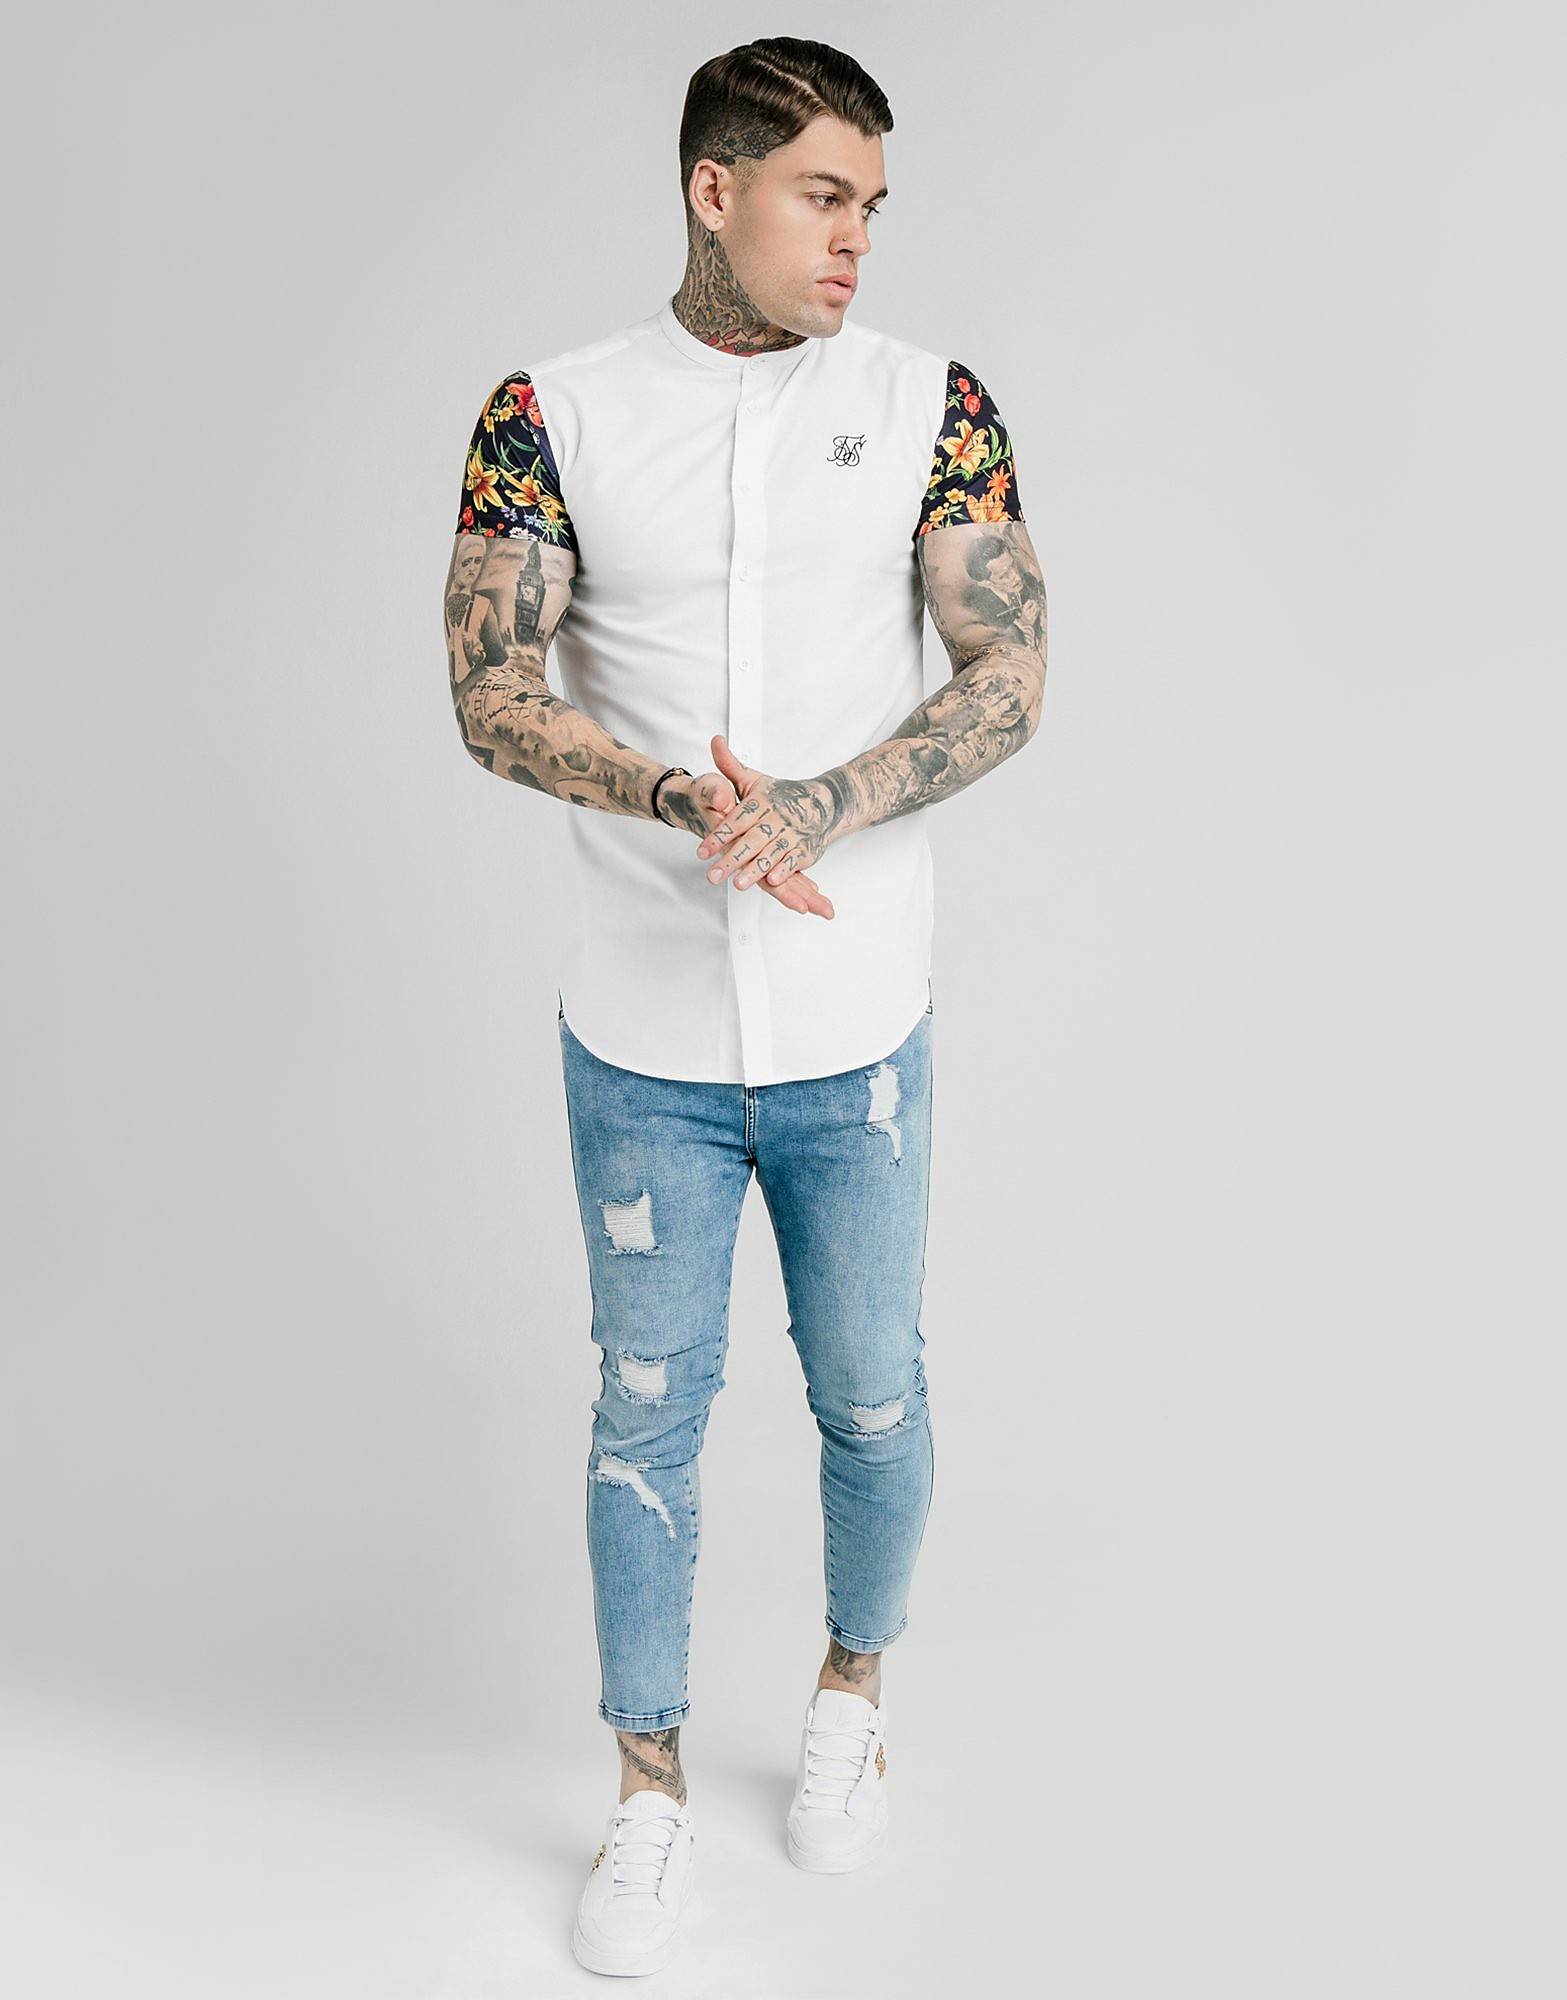 SikSilk Short Sleeve Shirt Heren - alleen bij JD - Wit - Heren